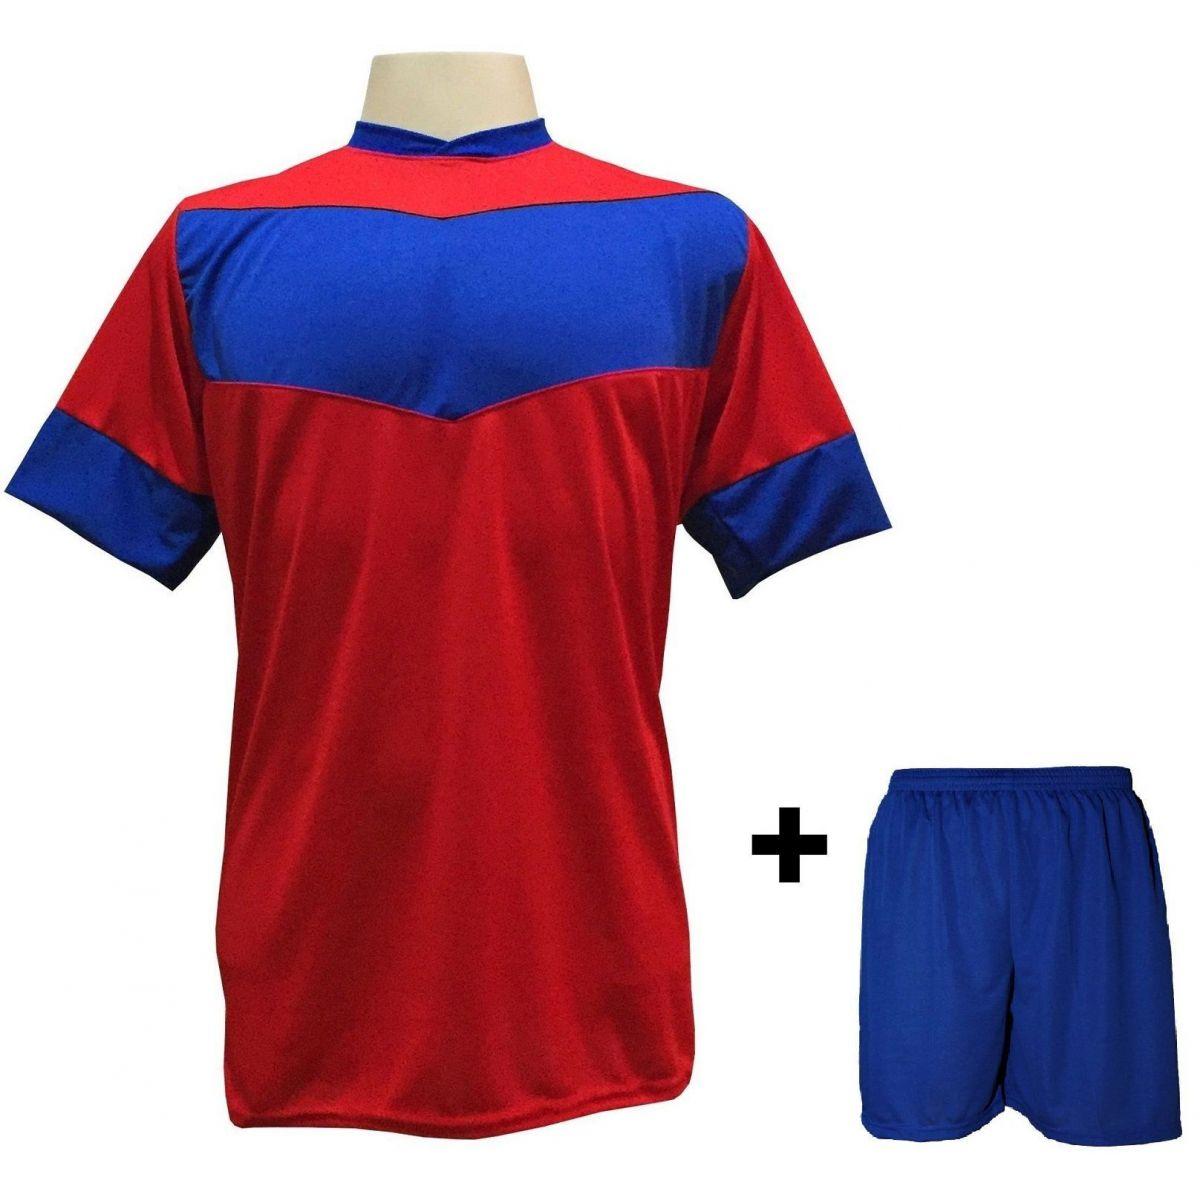 Uniforme Esportivo com 18 camisas modelo Columbus Vermelho/Royal + 18 calções modelo Madrid + 1 Goleiro + Brindes